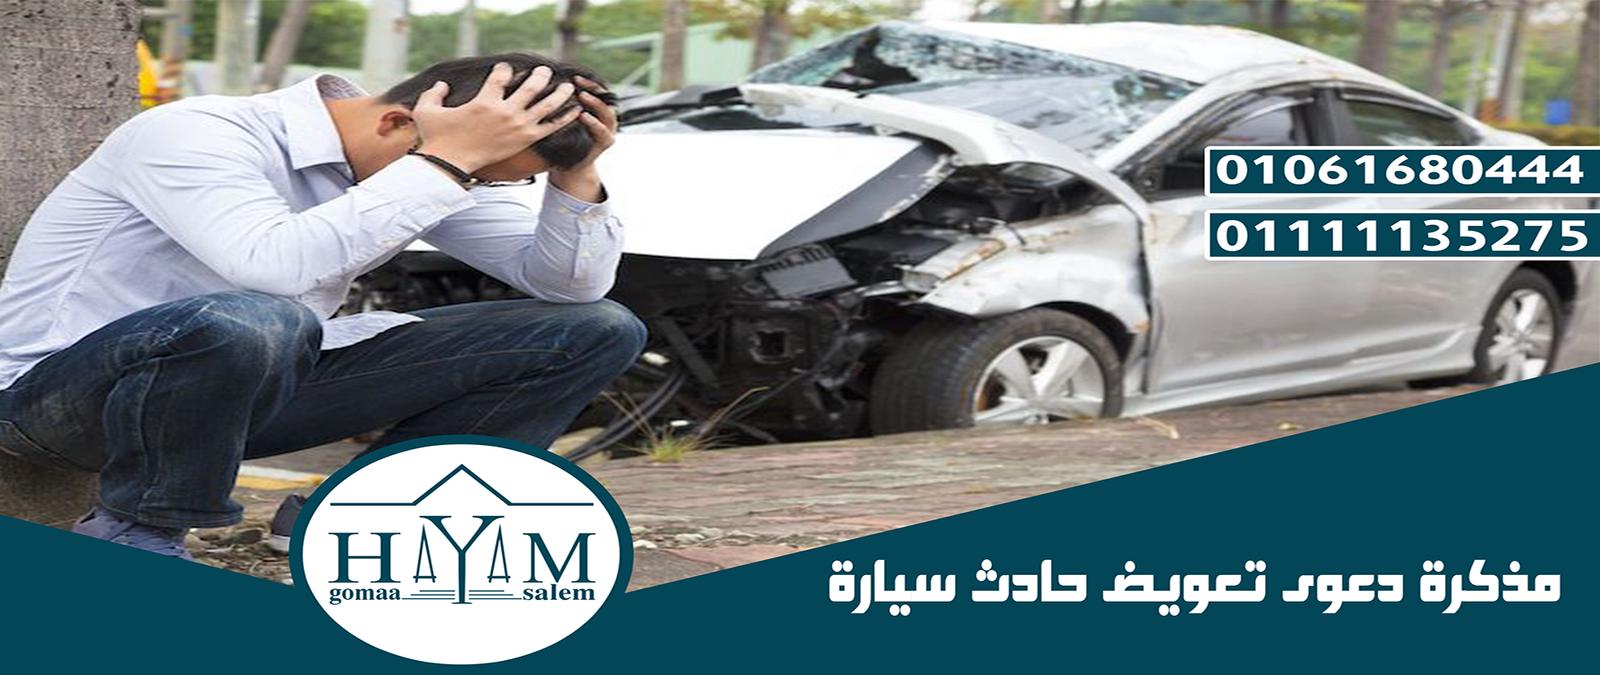 مذكرة دعوى تعويض حادث سيارة copy  معرض الصور                                                    copy